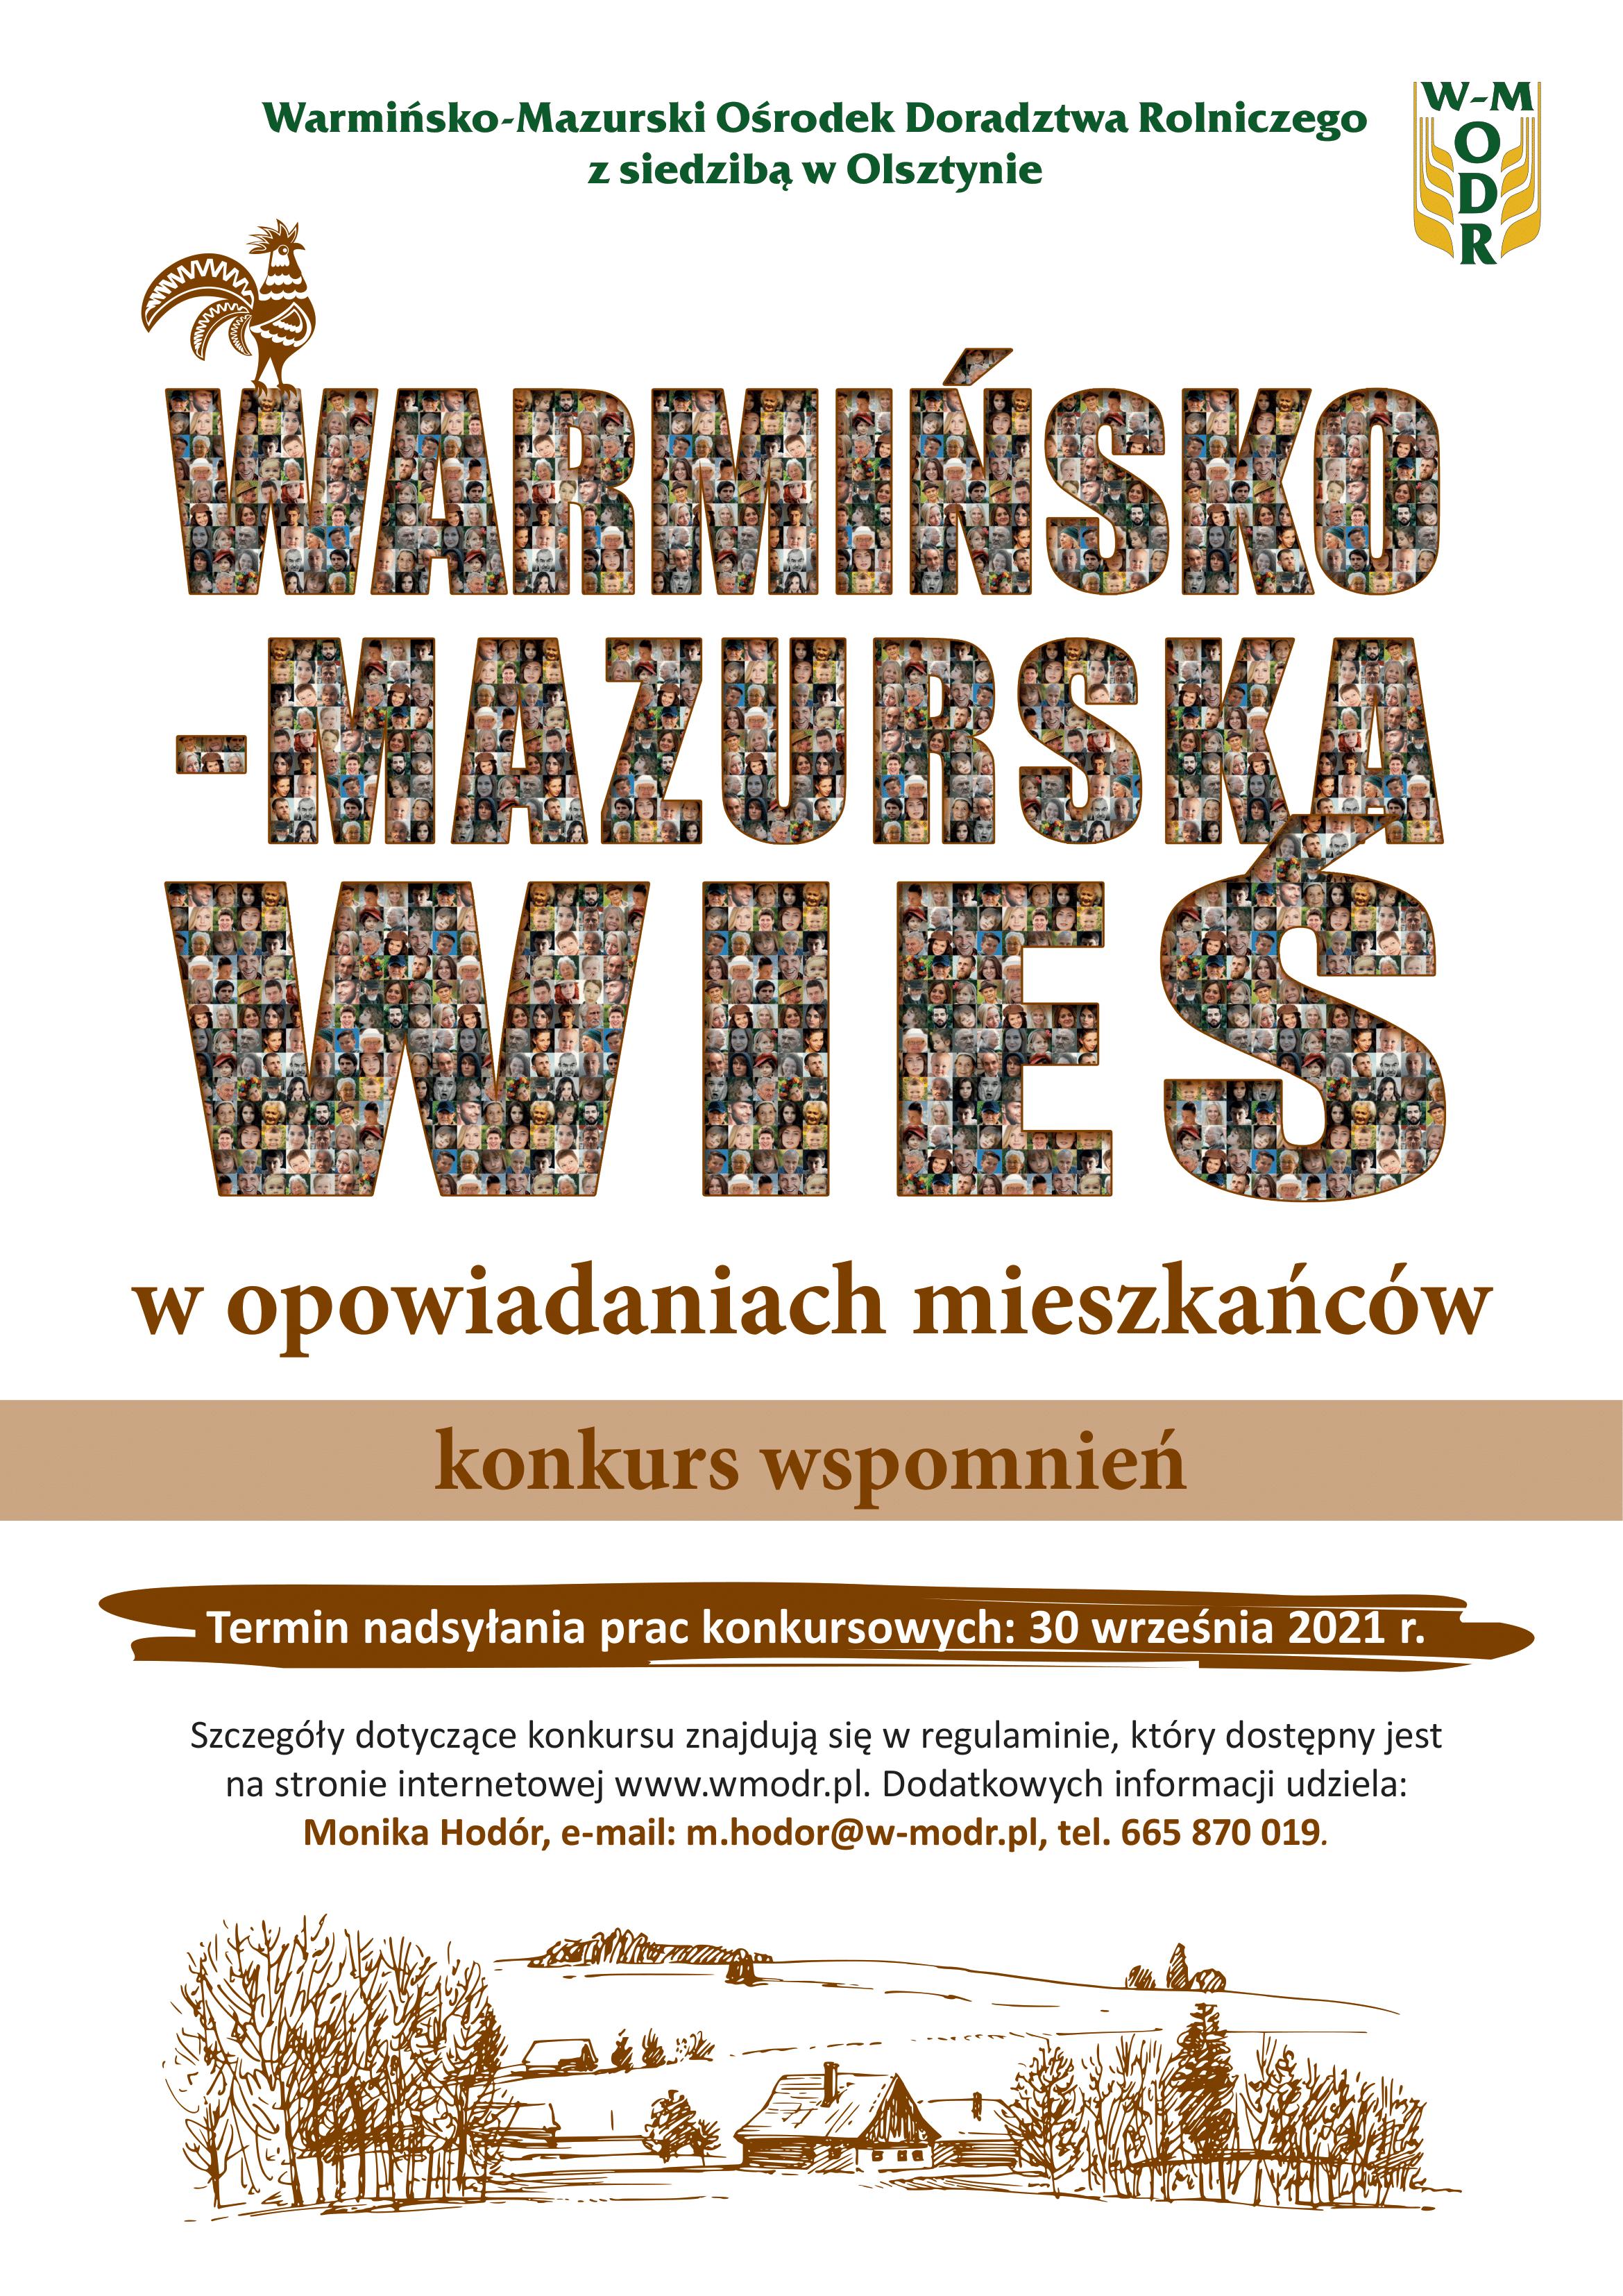 Ilustracja do informacji: Konkurs wspomnień Warmińsko-Mazurska Wieś w opowiadaniach mieszkańców organizowany przez Warmińsko-Mazurski Ośrodek Doradztwa Rolniczego z siedzibą w Olsztynie